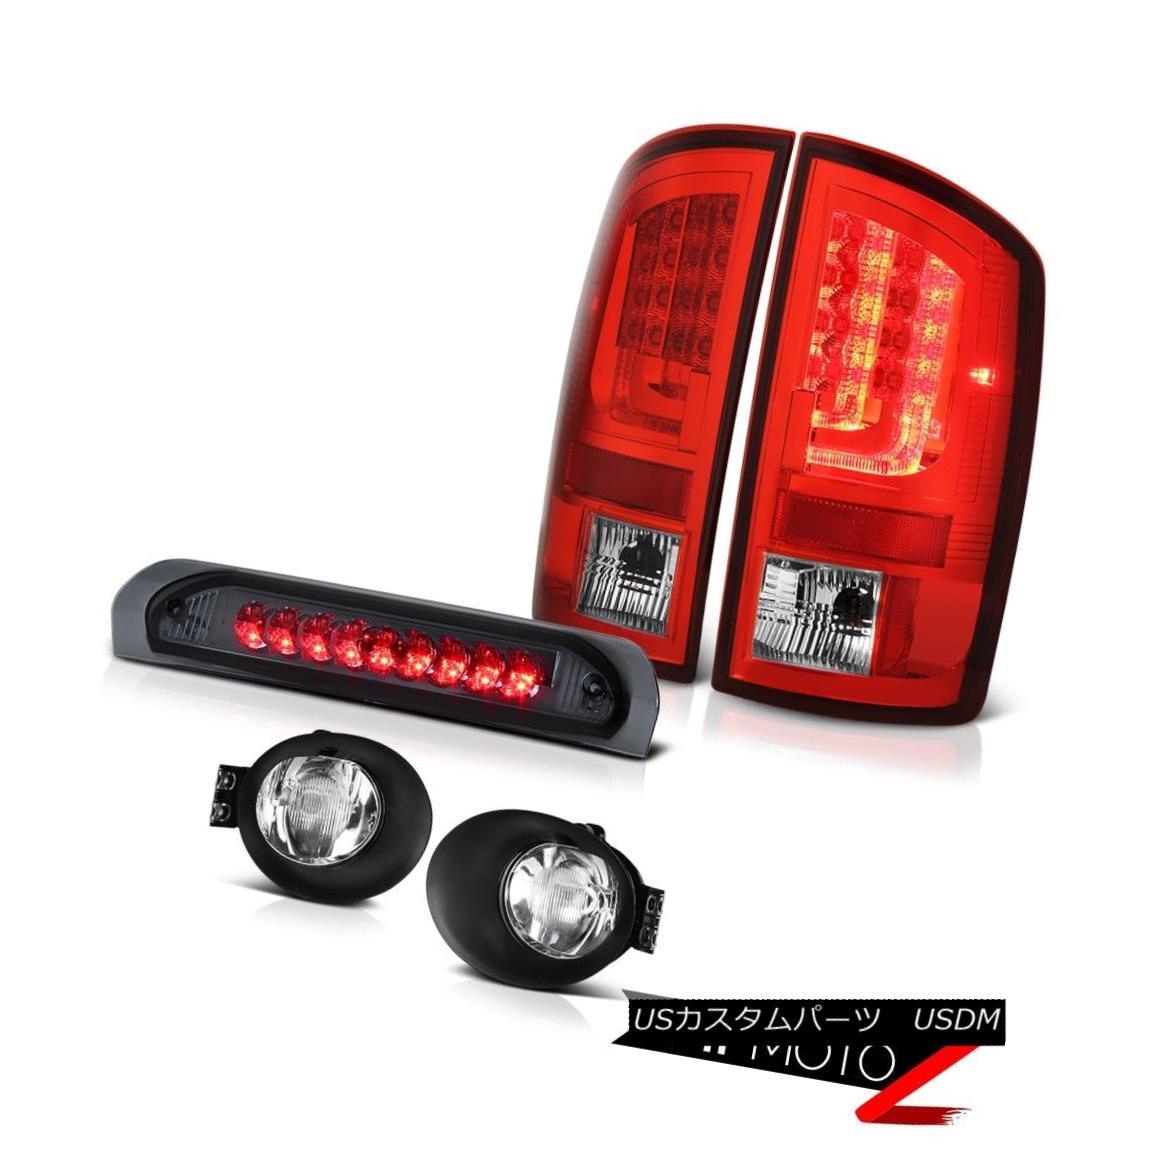 テールライト 2003-2006 Dodge Ram 2500 5.9L Red Taillights Chrome Foglamps High STop Light LED 2003-2006 Dodge Ram 2500 5.9LレッドティアライトクロームフォグランプハイSTopライトLED